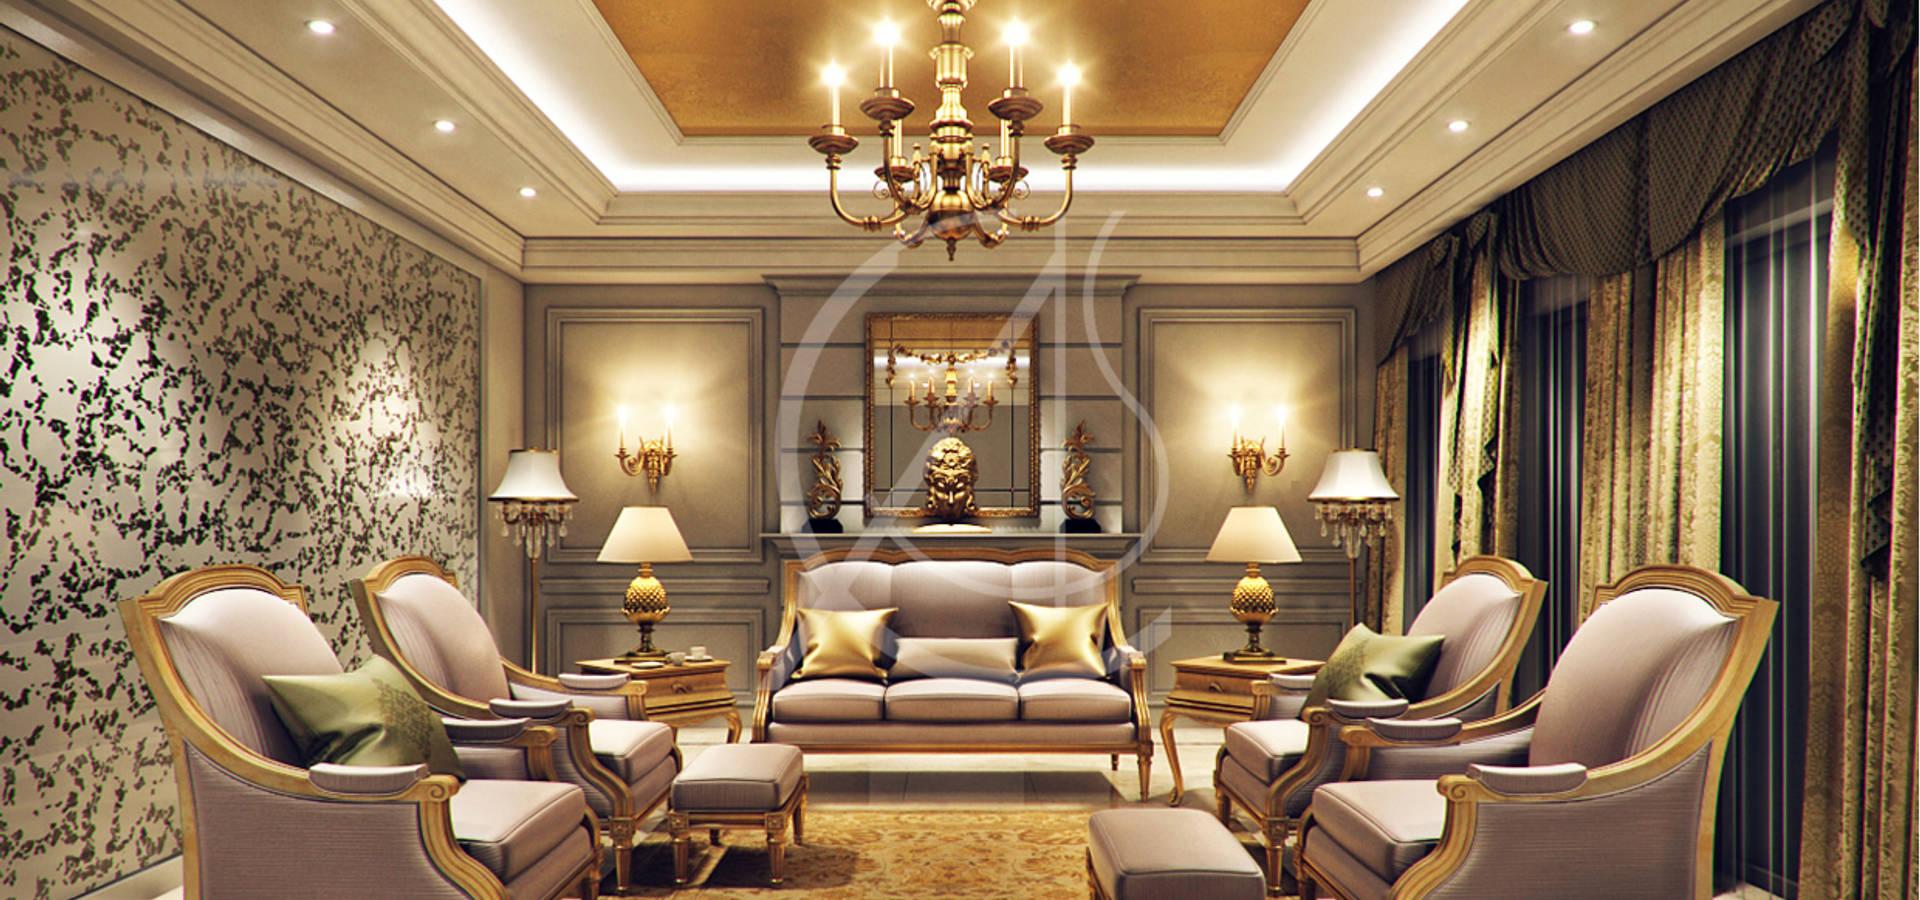 Modern classic villa interior design por comelite for Villa interior design augusta ga